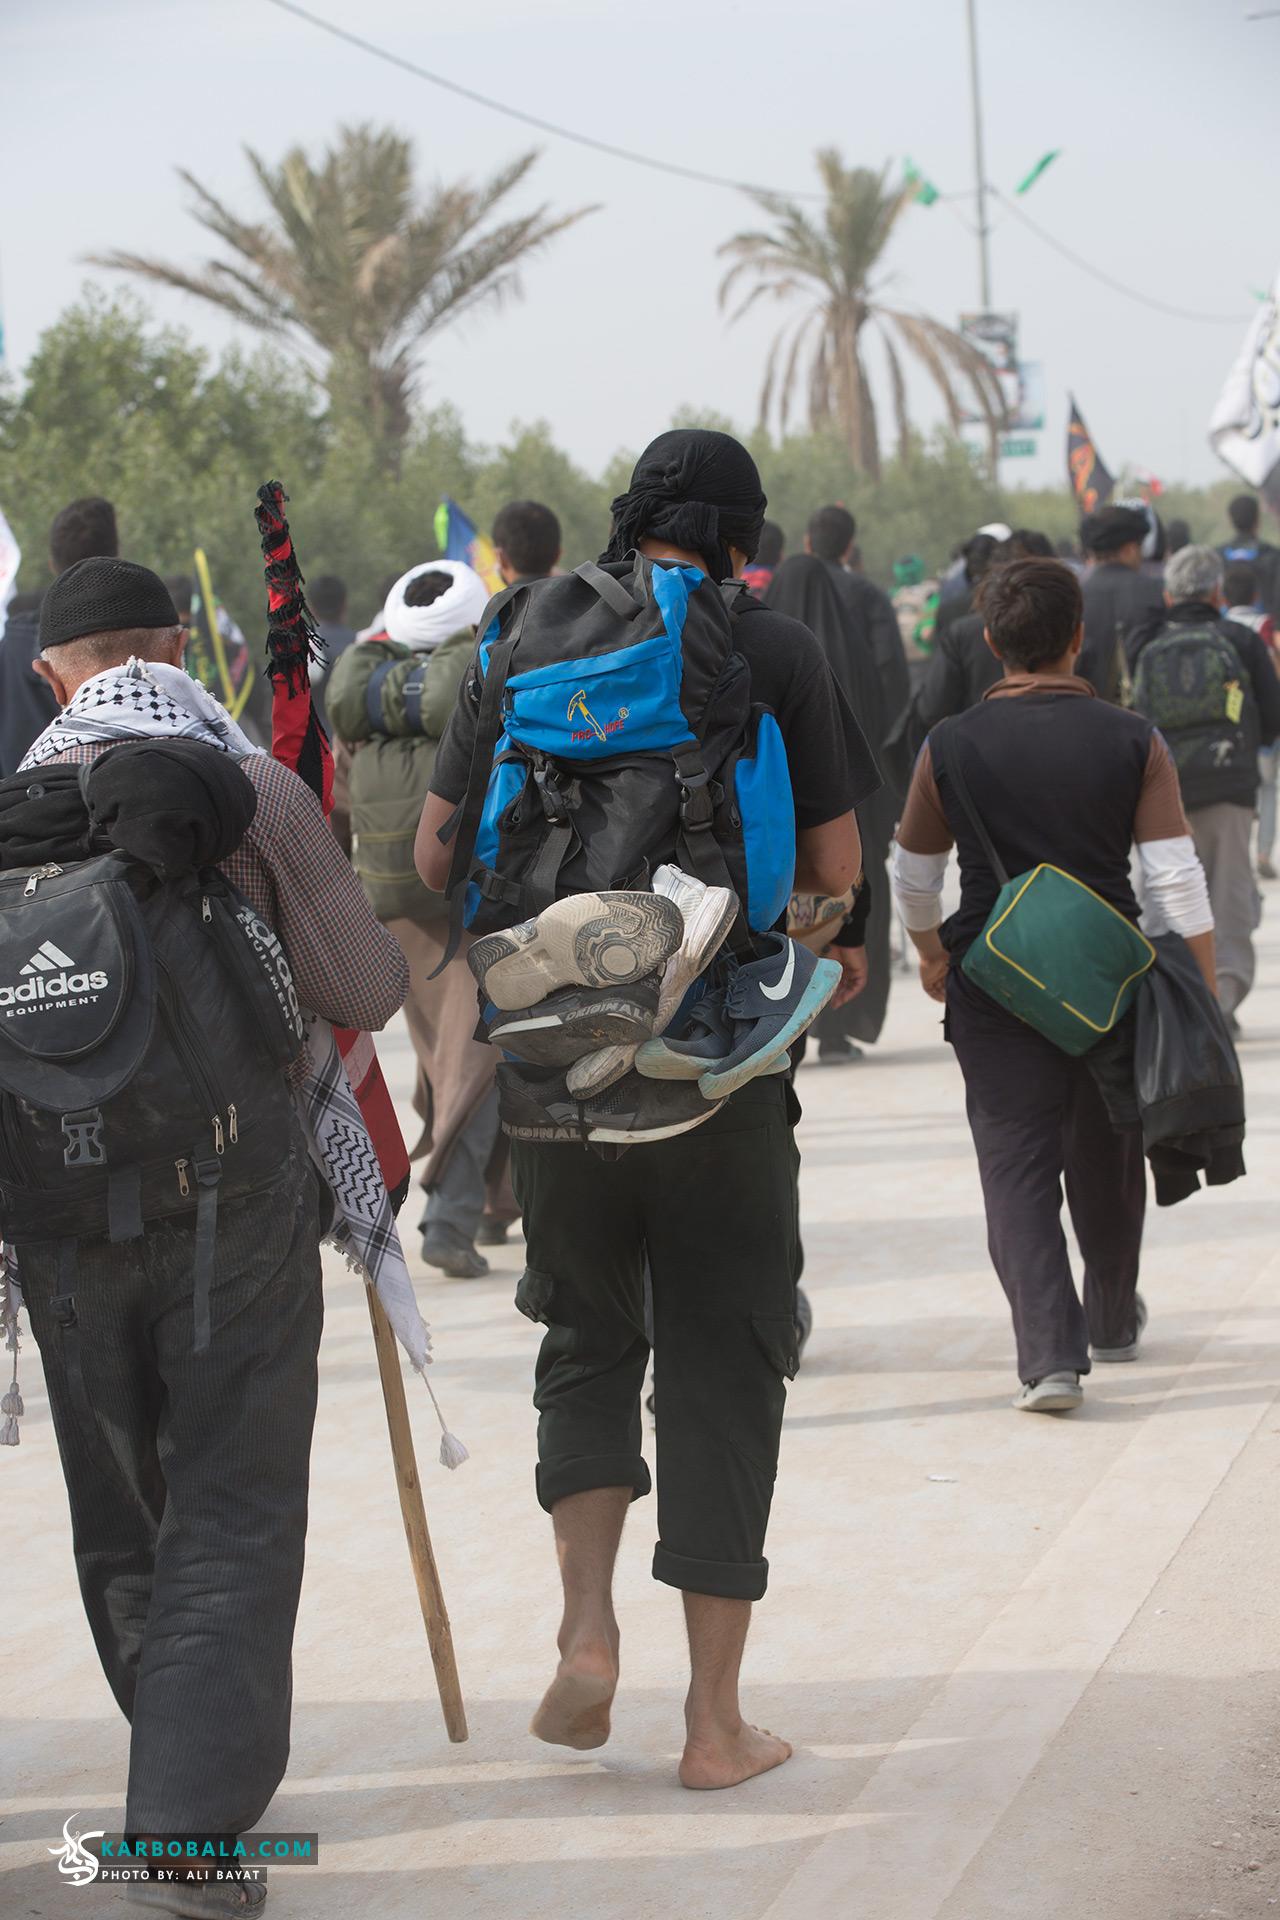 چه عاشقانه قدم میزنند در این راه/ گزارش تصویری از پیاده روی اربعین در سالهای گذشته